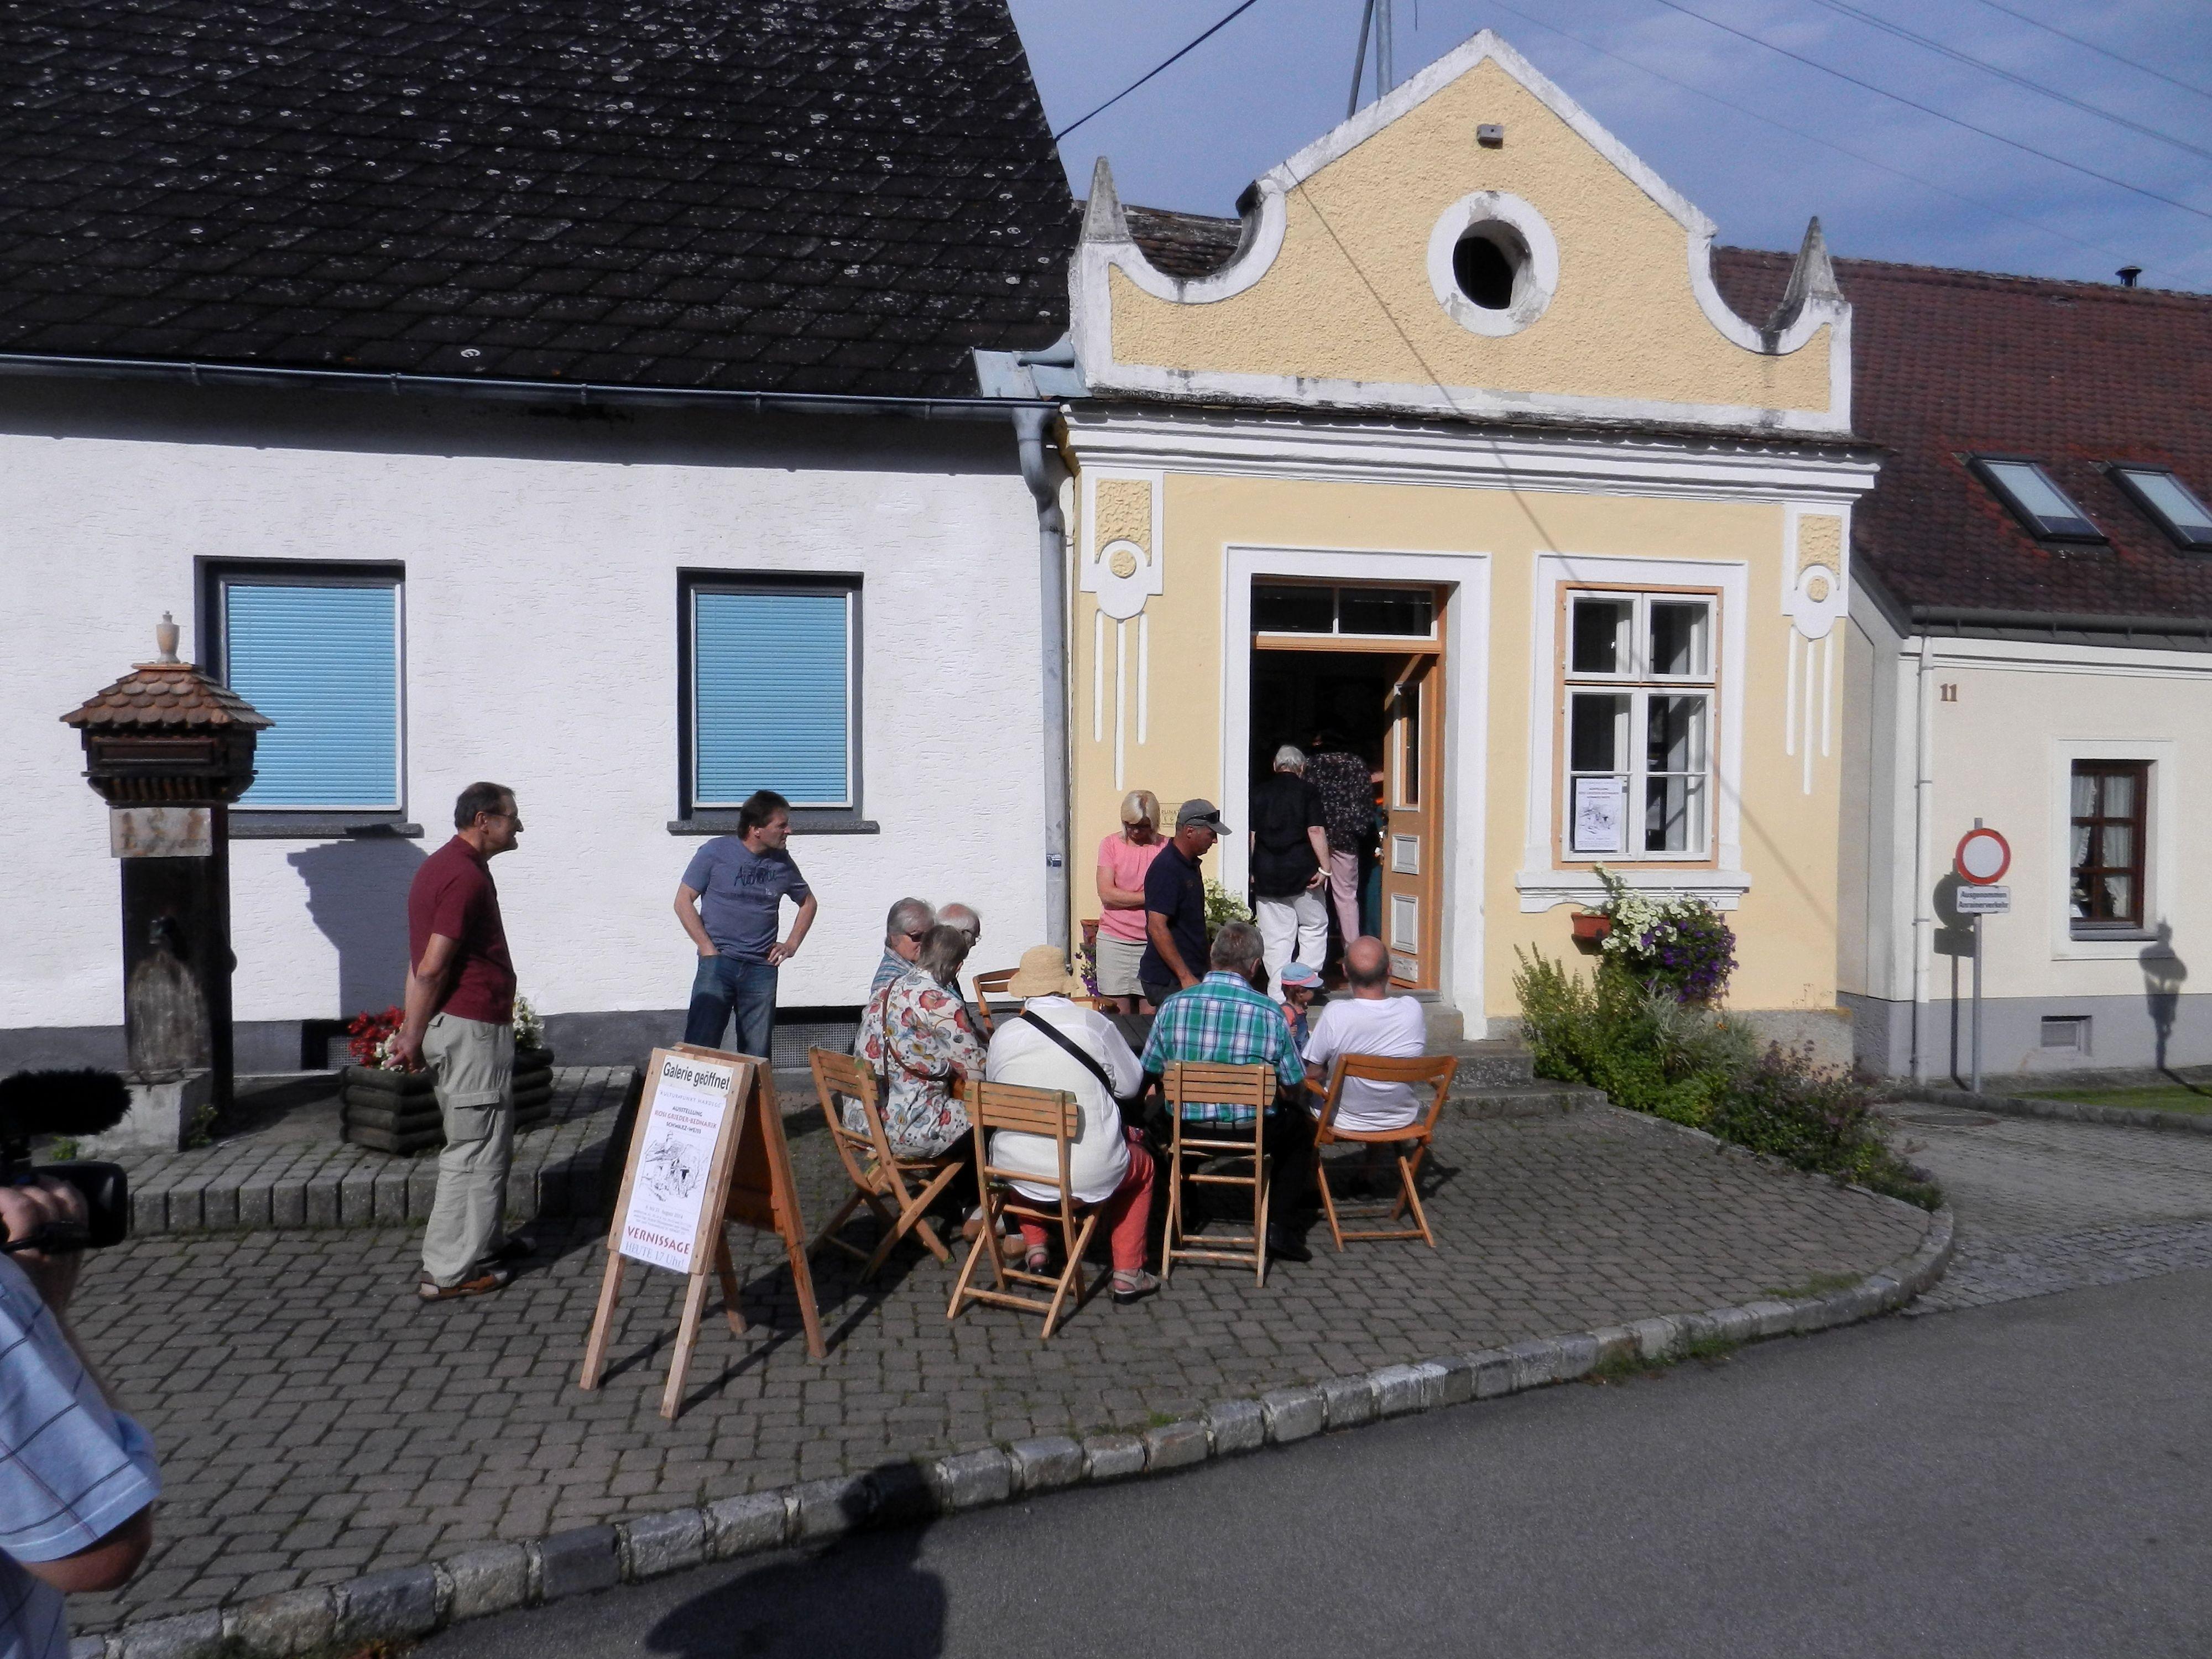 Vernissage im KULTUR•PUNKT HARDEGG, die kleinste Galerie in der kleinsten Stadt Österreichs